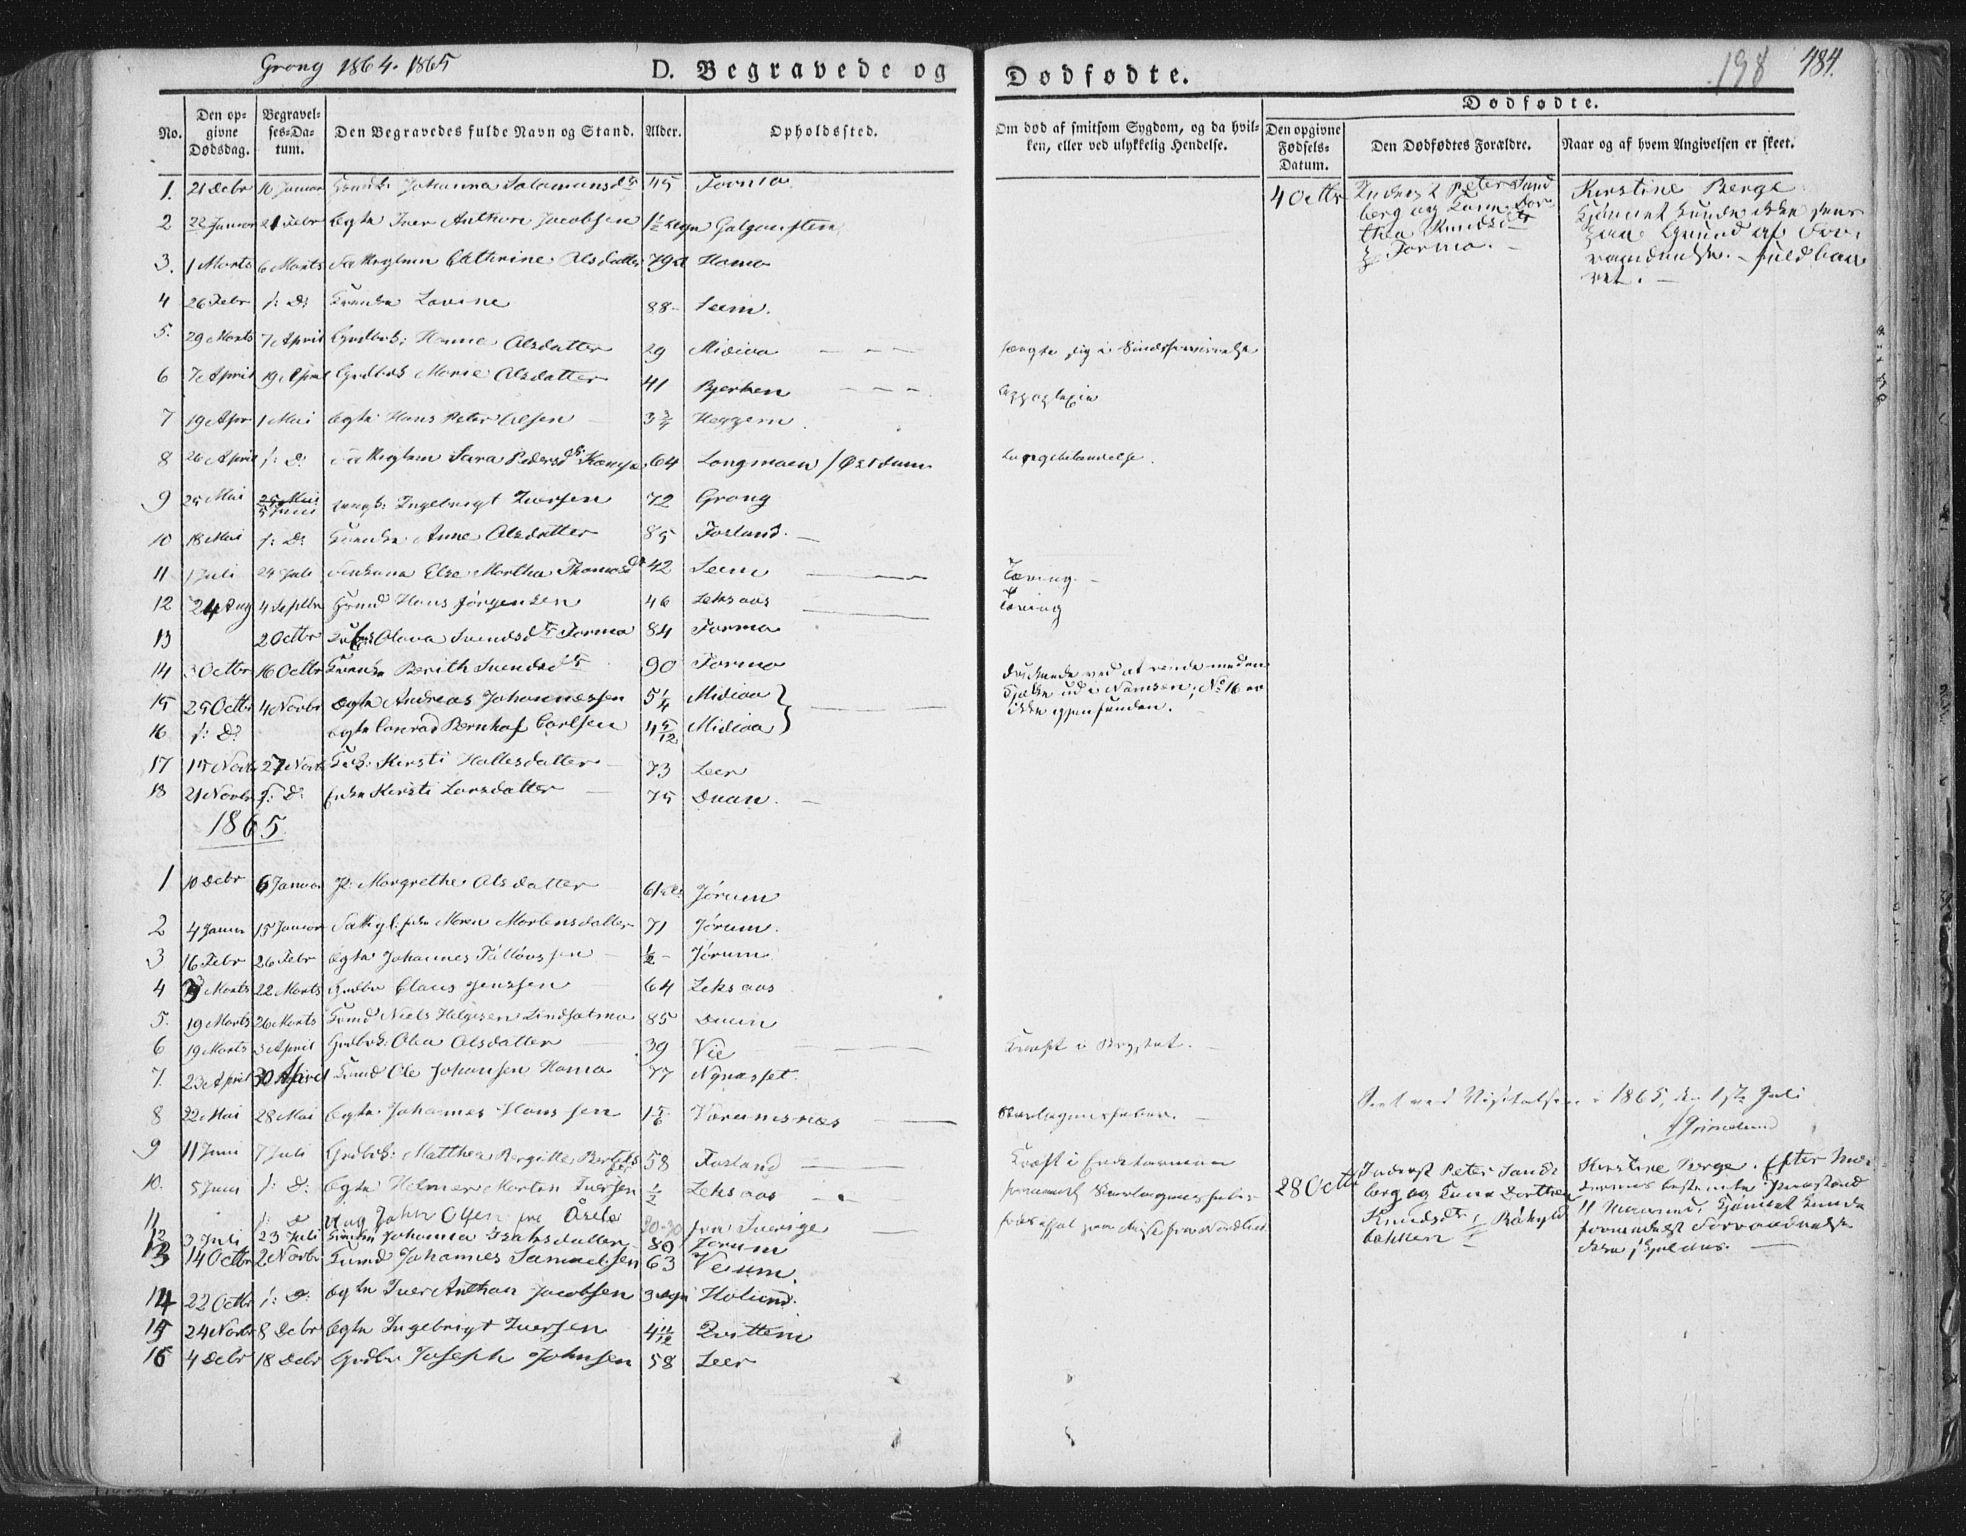 SAT, Ministerialprotokoller, klokkerbøker og fødselsregistre - Nord-Trøndelag, 758/L0513: Ministerialbok nr. 758A02 /1, 1839-1868, s. 198